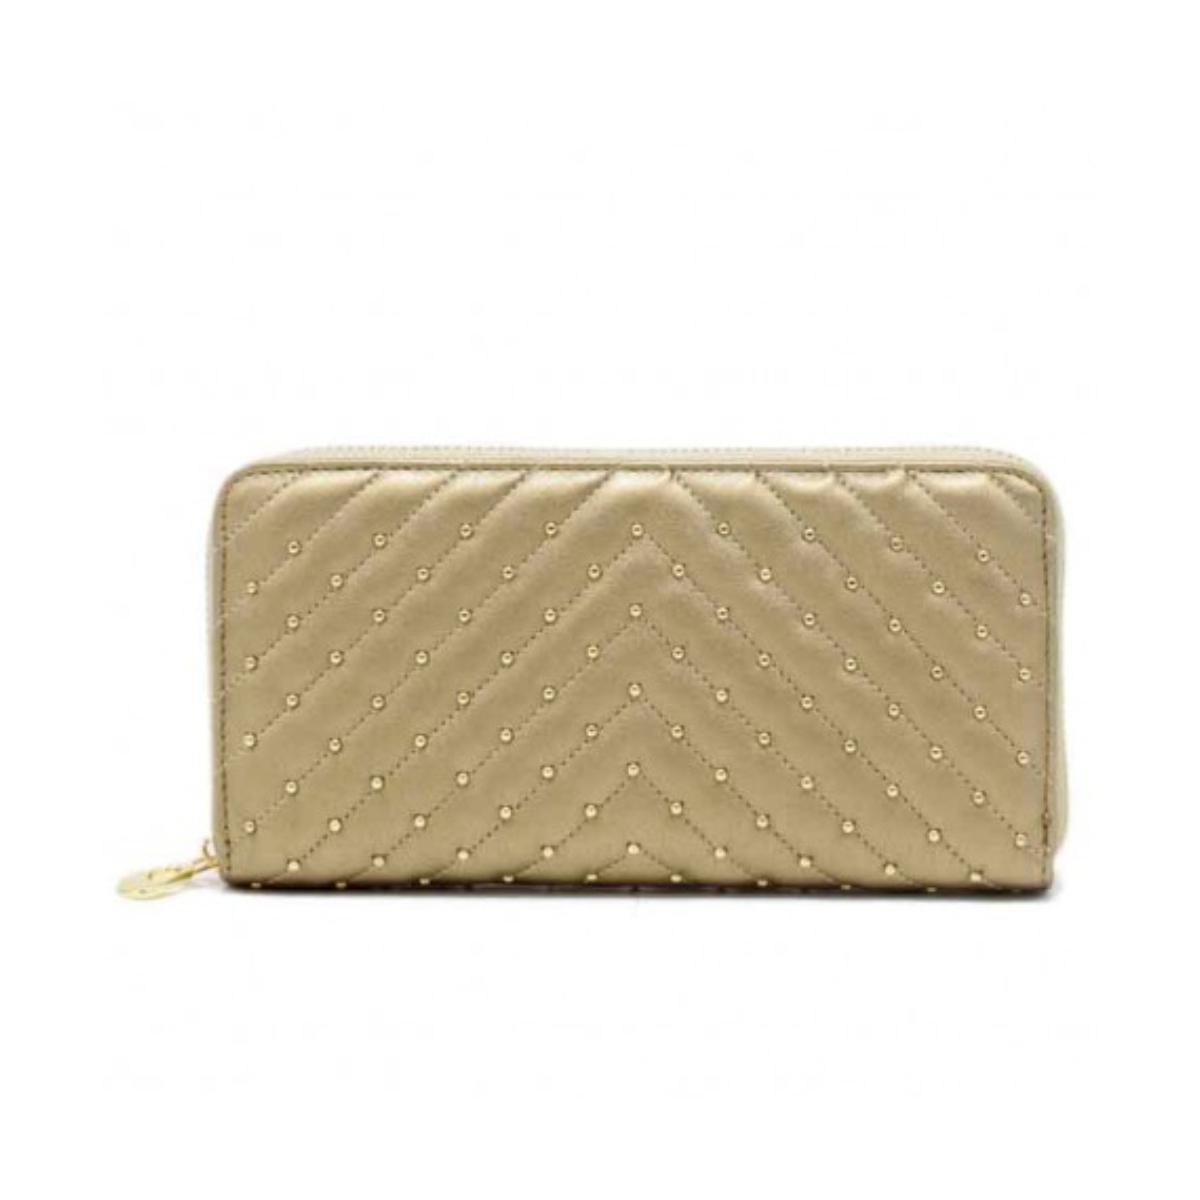 Luxusné dámske kabelky BeLuxury za akciové ceny iba na VašeKabelky ... 77767e689aa